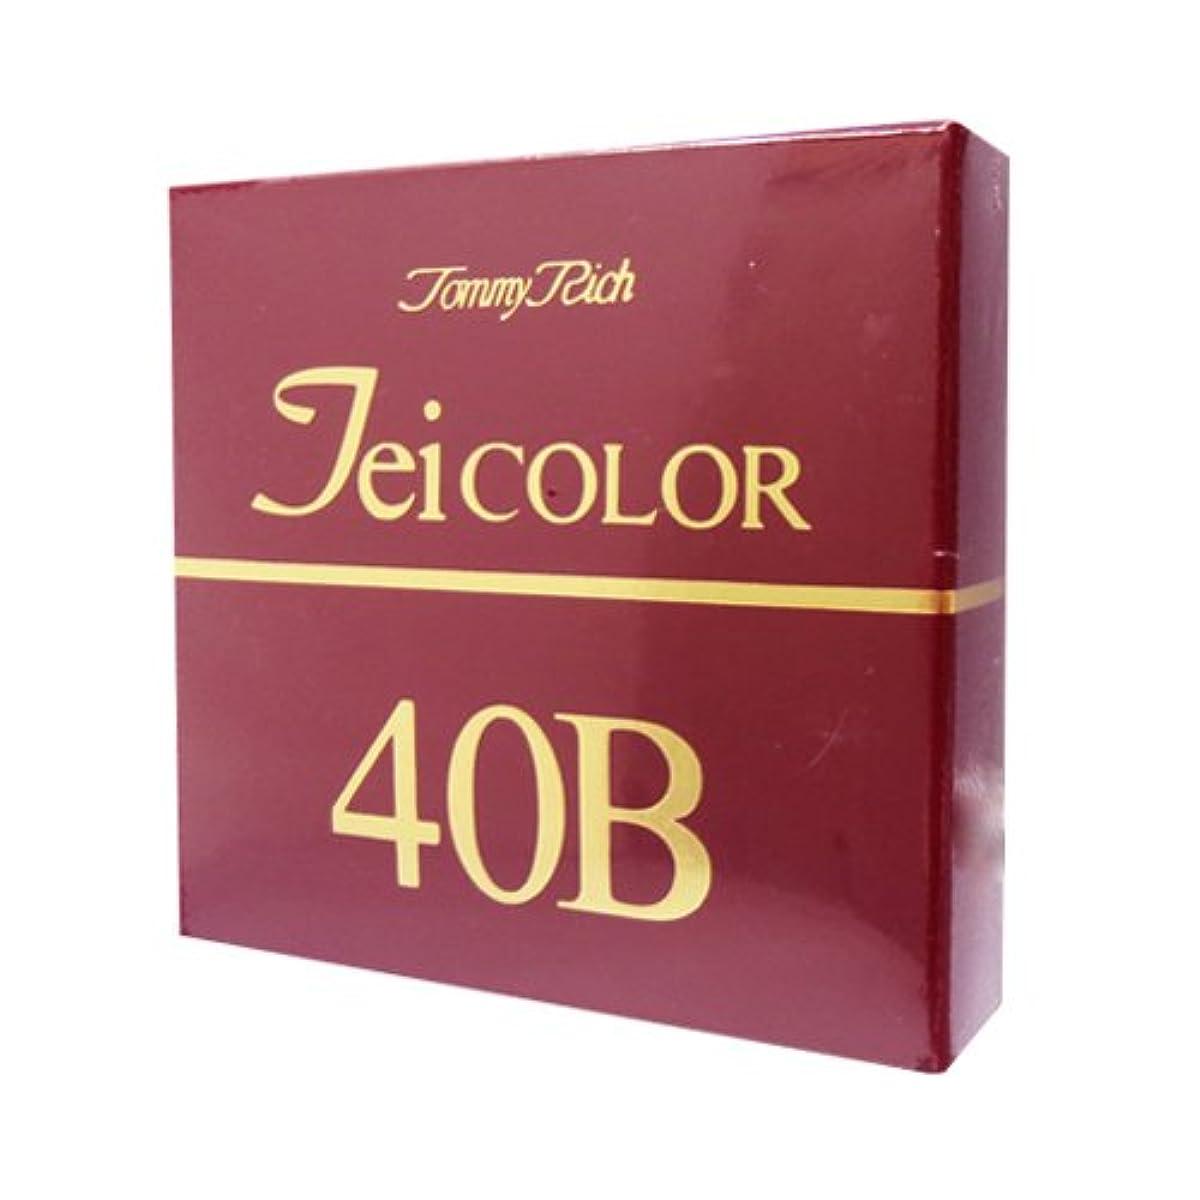 重大瀬戸際特にトミーリッチ TEIカラー 40B(色白肌用)